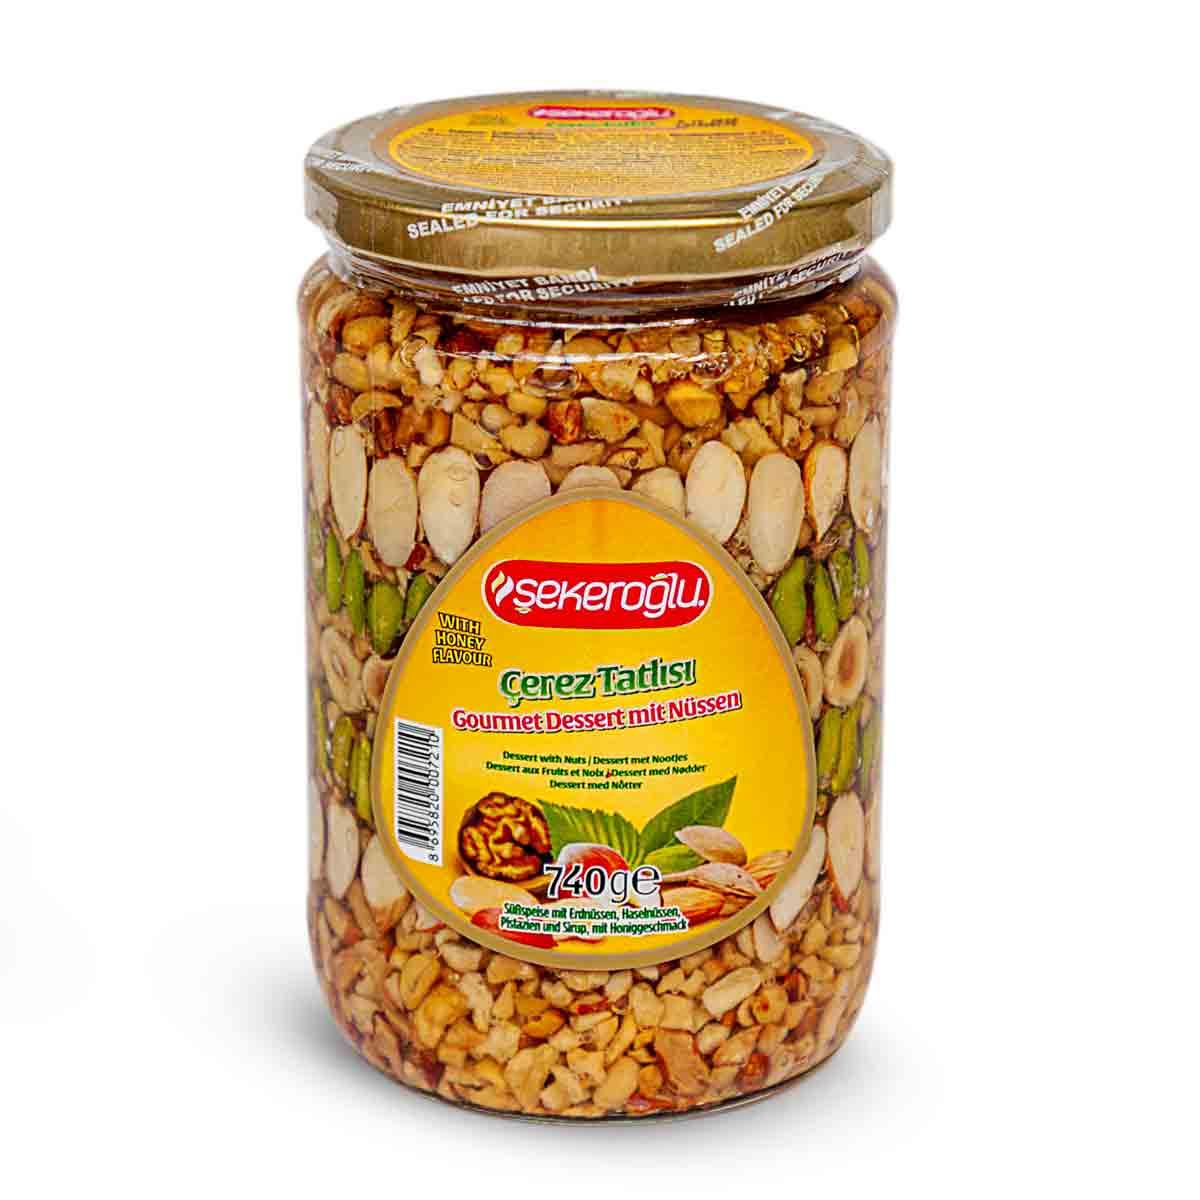 Şekeroğlu - Nuss-Pistazien-Brotaufstrich - çerez tatlısı